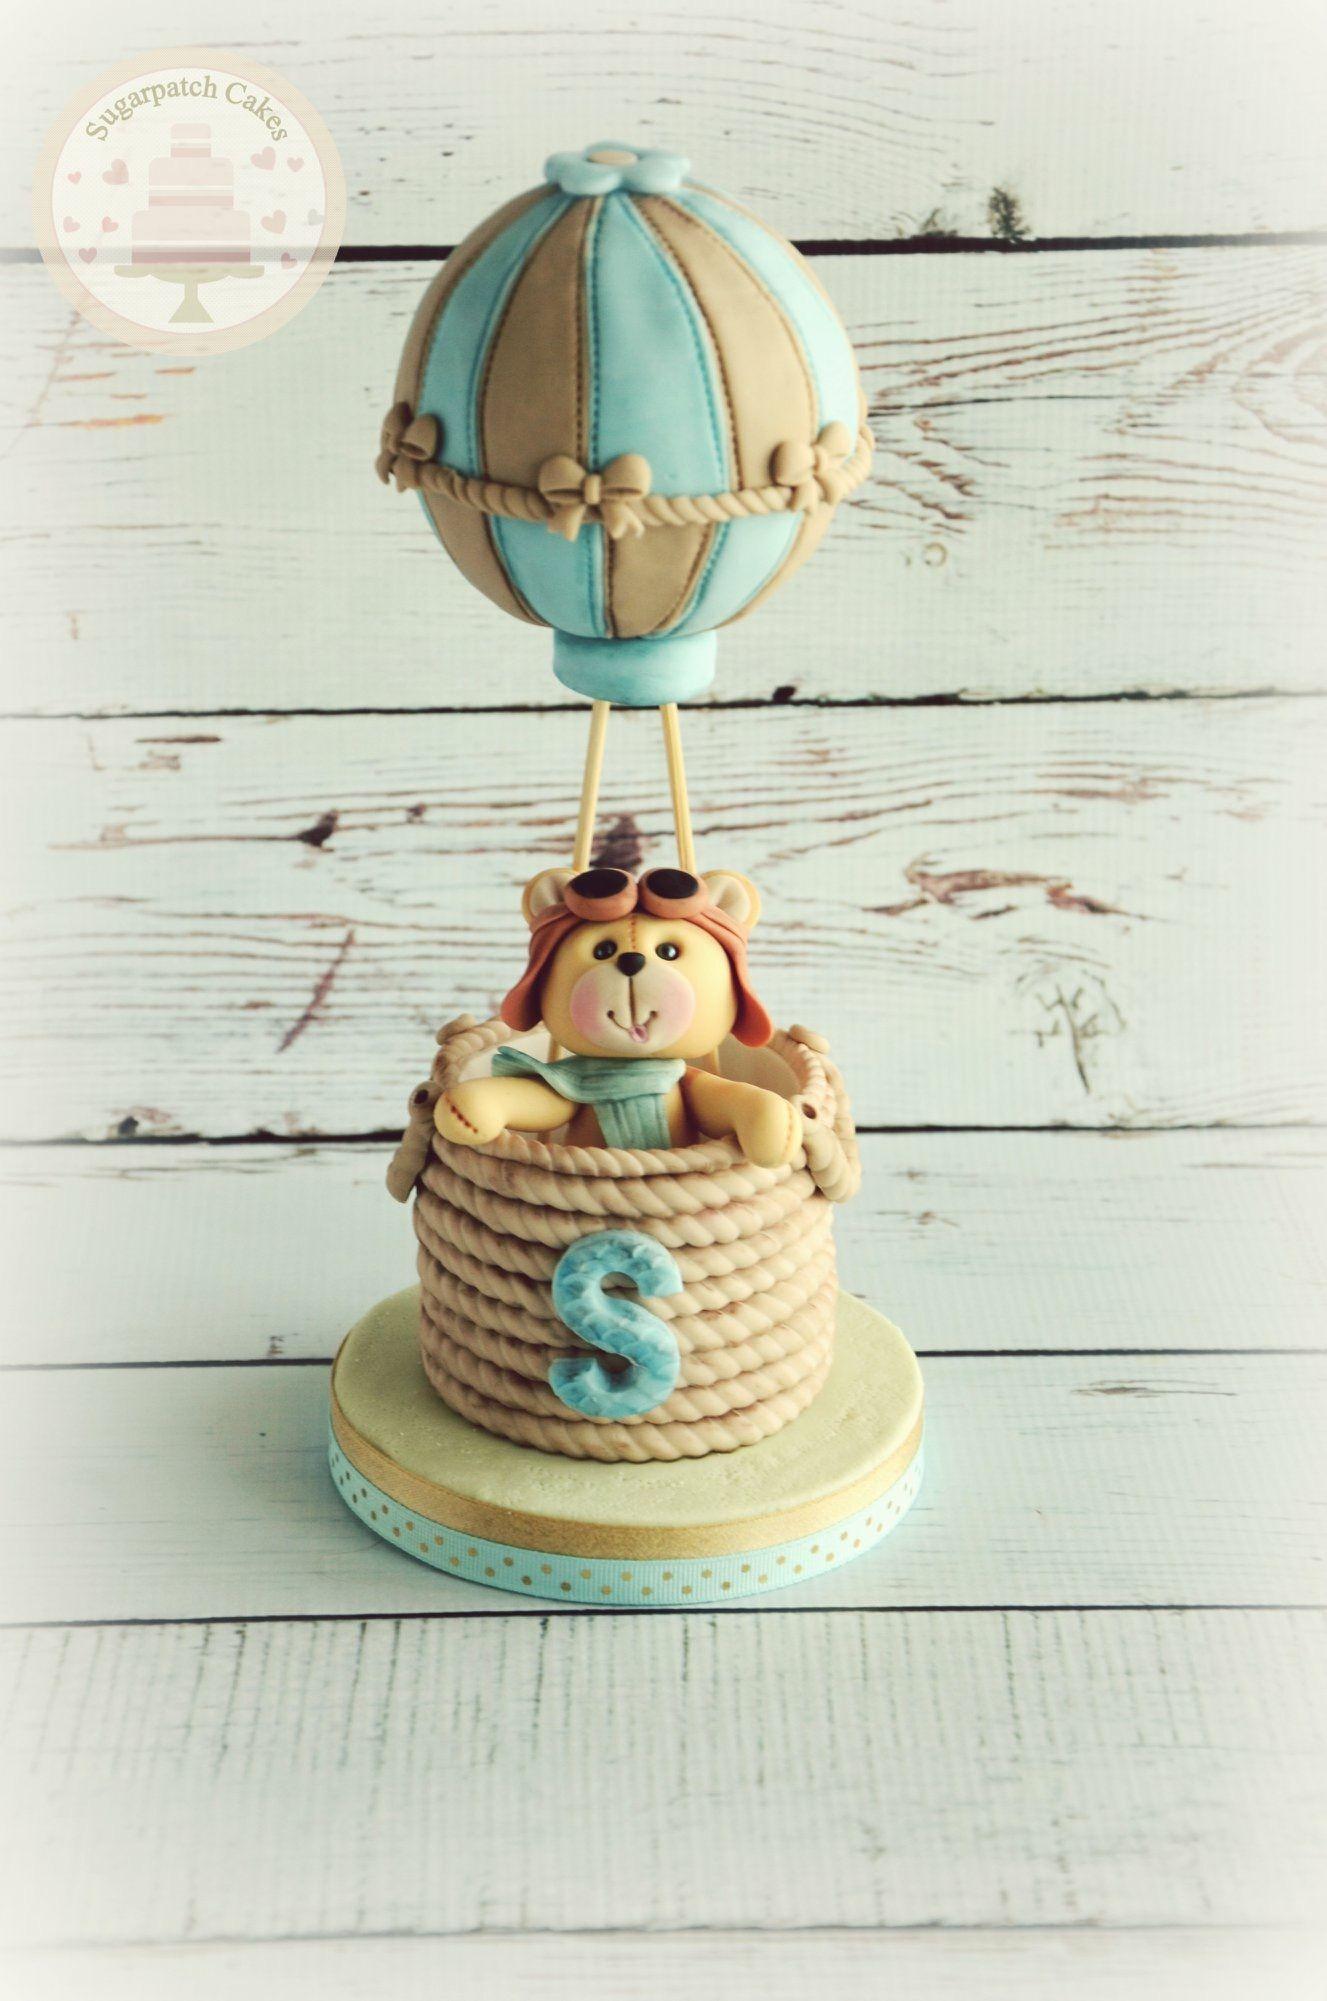 Hot Air Balloon Cake Topper Baby Shower Centerpiece Baby Shower Cake Topper First Birthday Cake Topper Con Imagenes Adornos Para Tortas Disenos De Tortas Tortas Para Ninos